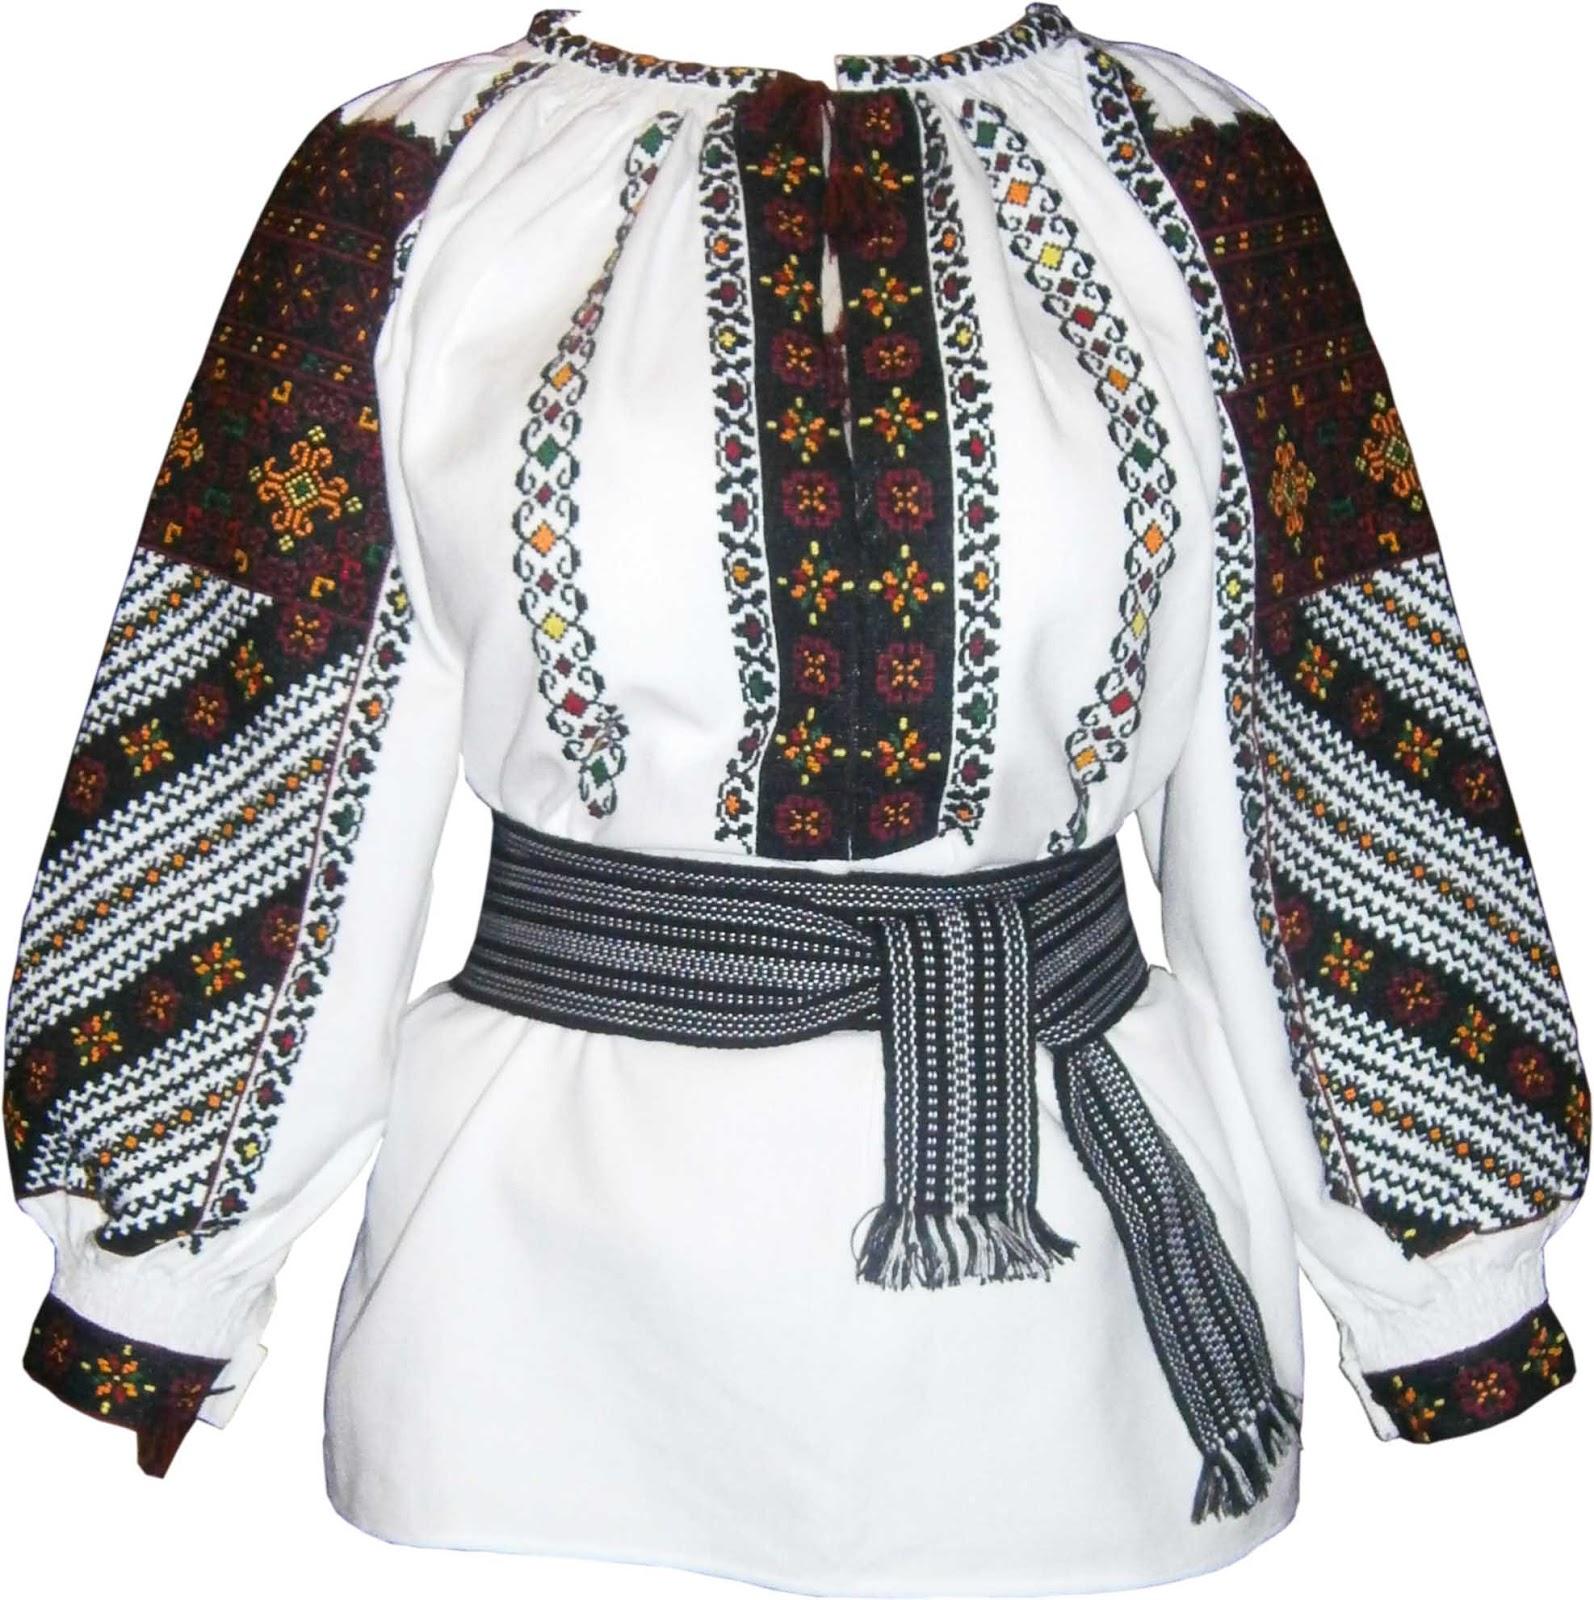 Вишиванка - Інтернет-магазин вишиванок  Вишиванка фото 00d597513b609